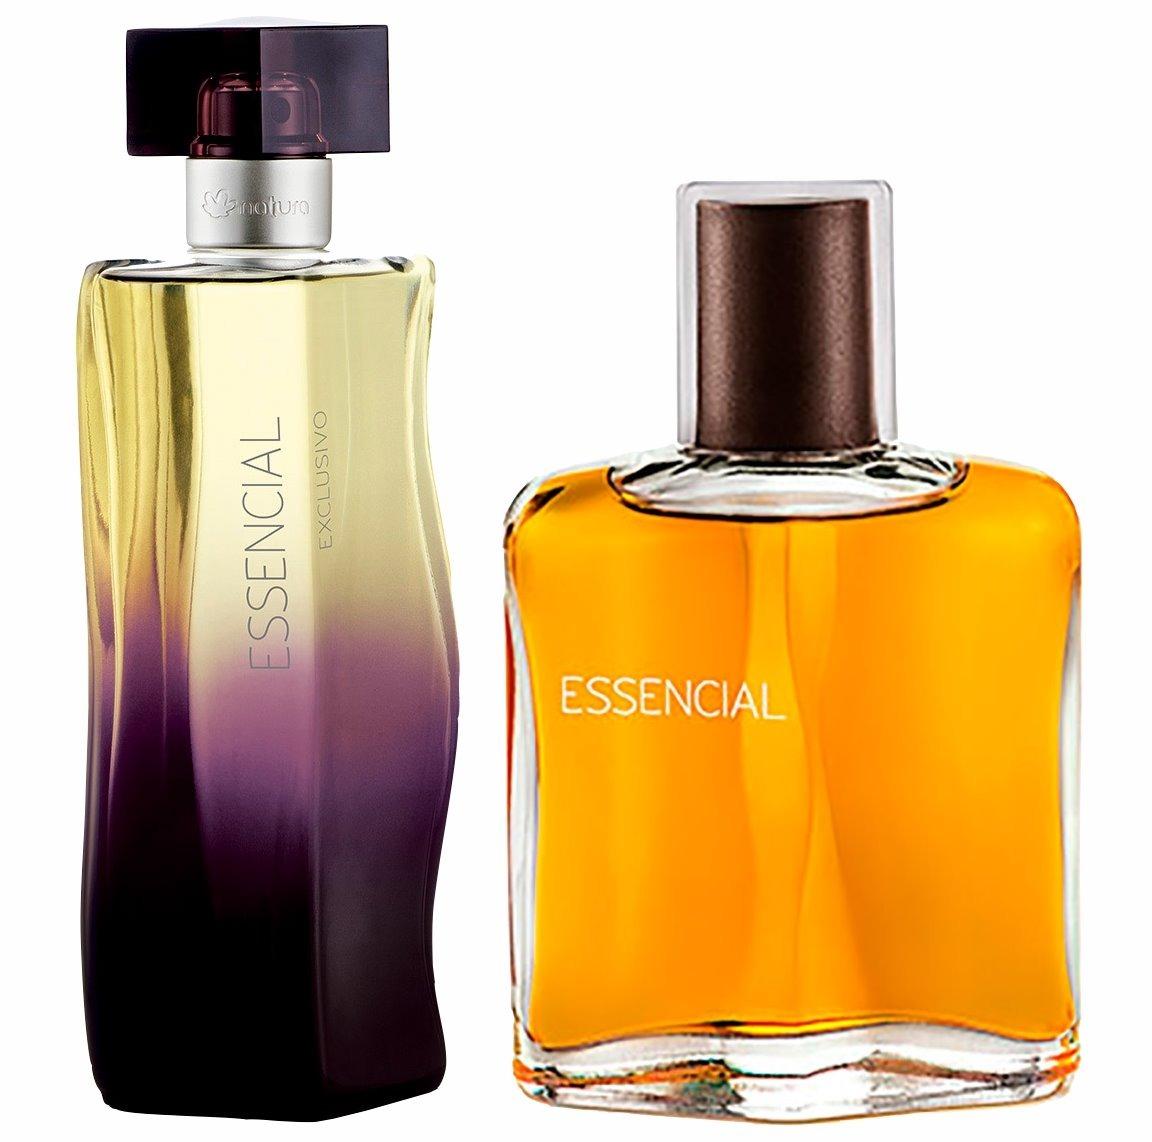 6fa85eb05d perfume natura essencial exclusivo fem e essencial masculino. Carregando  zoom.